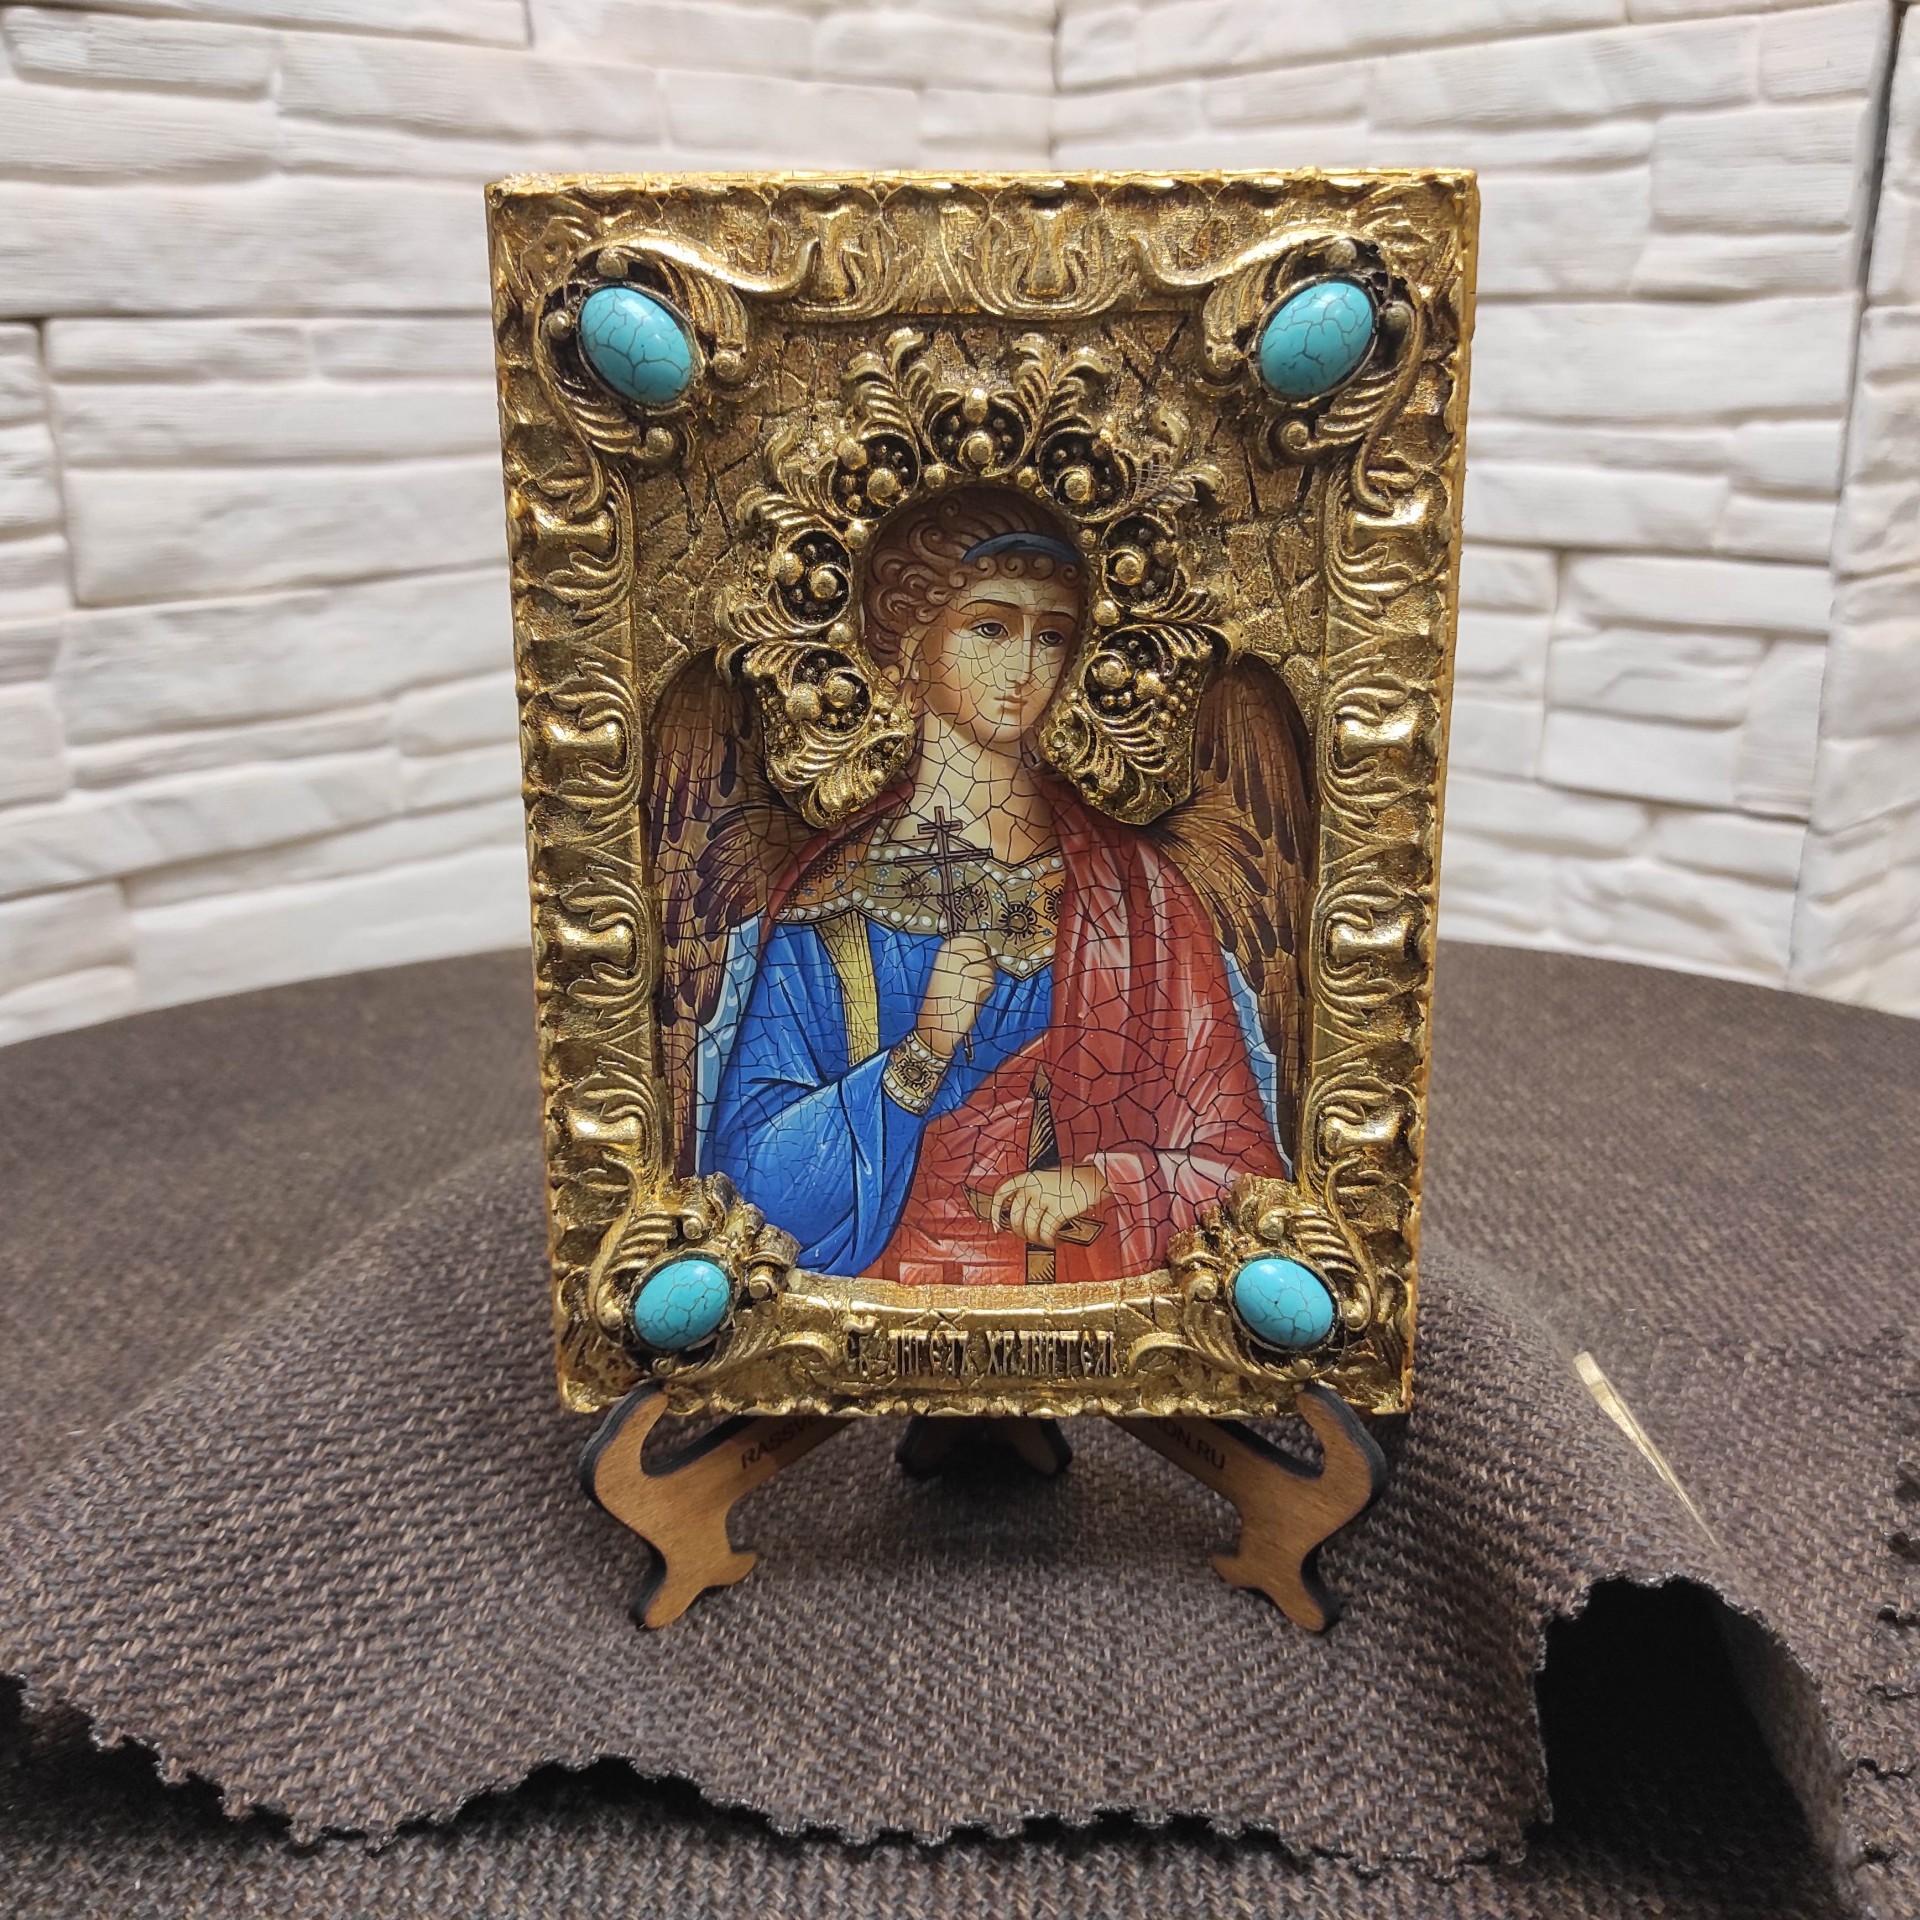 Фото с камнями подарочной иконы Ангел Хранитель